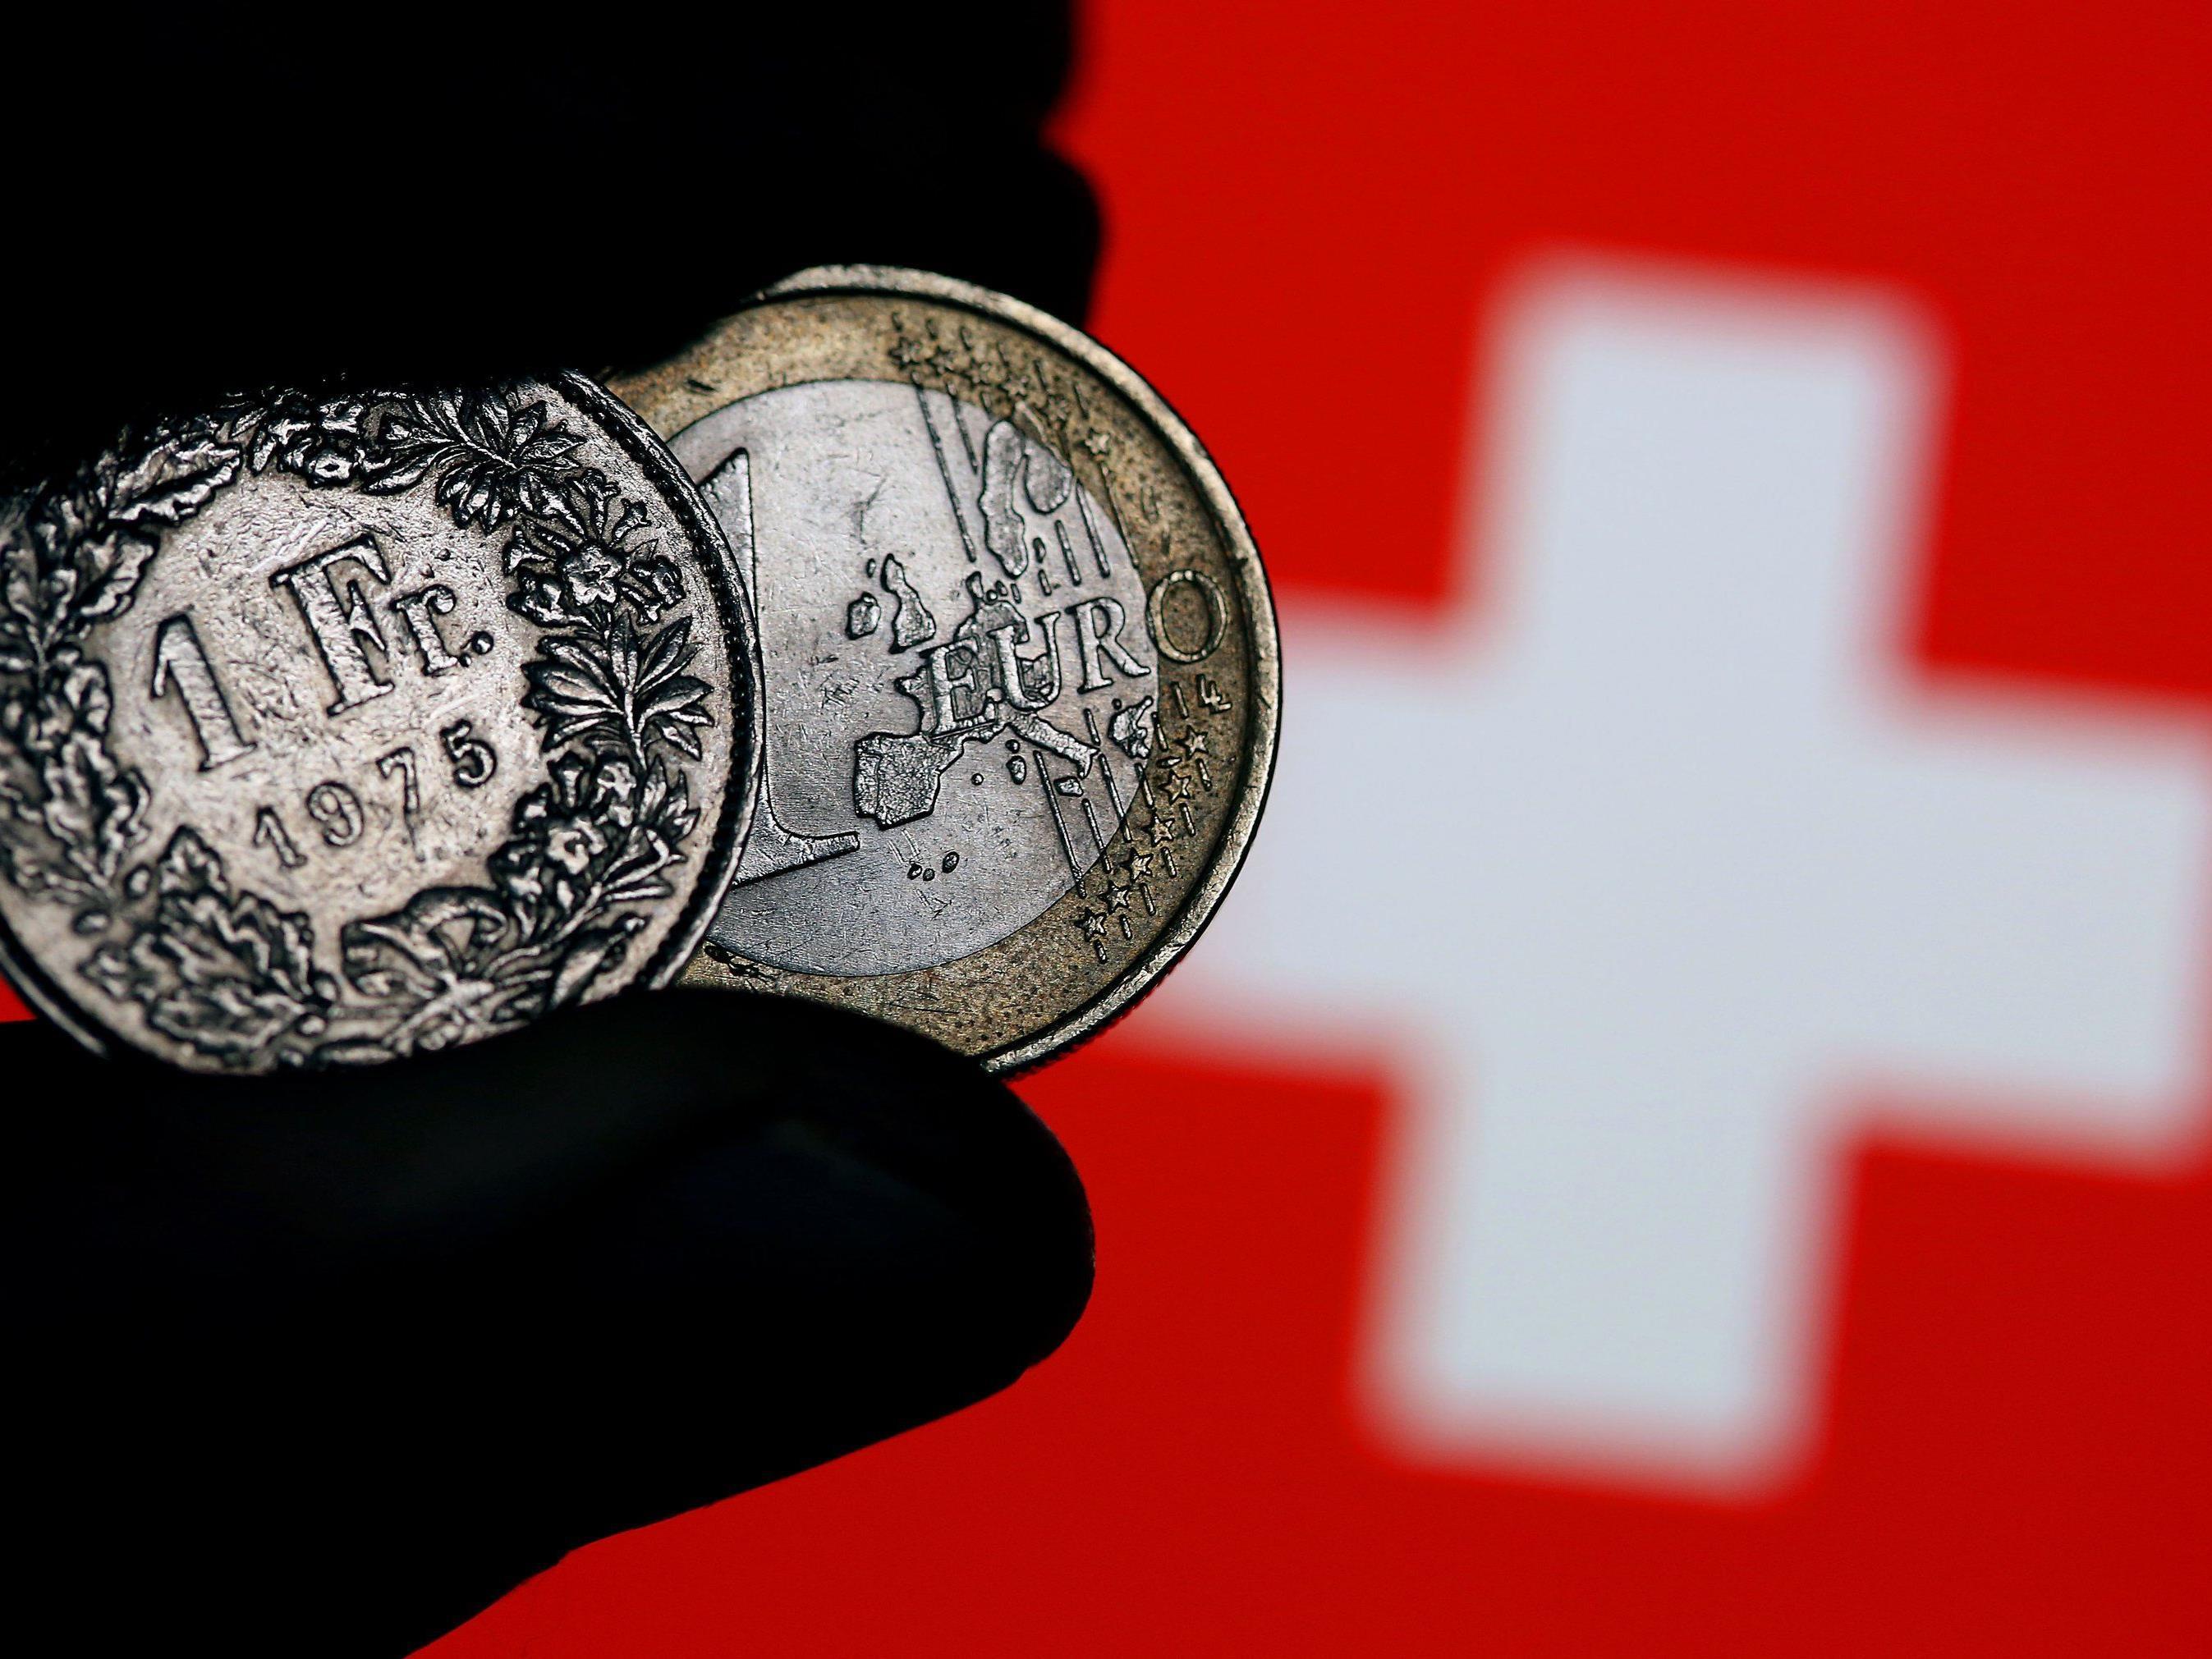 Kostenfrei umwandeln bis Ende Februar - Einigung zwischen Banken und Sozialministerium.